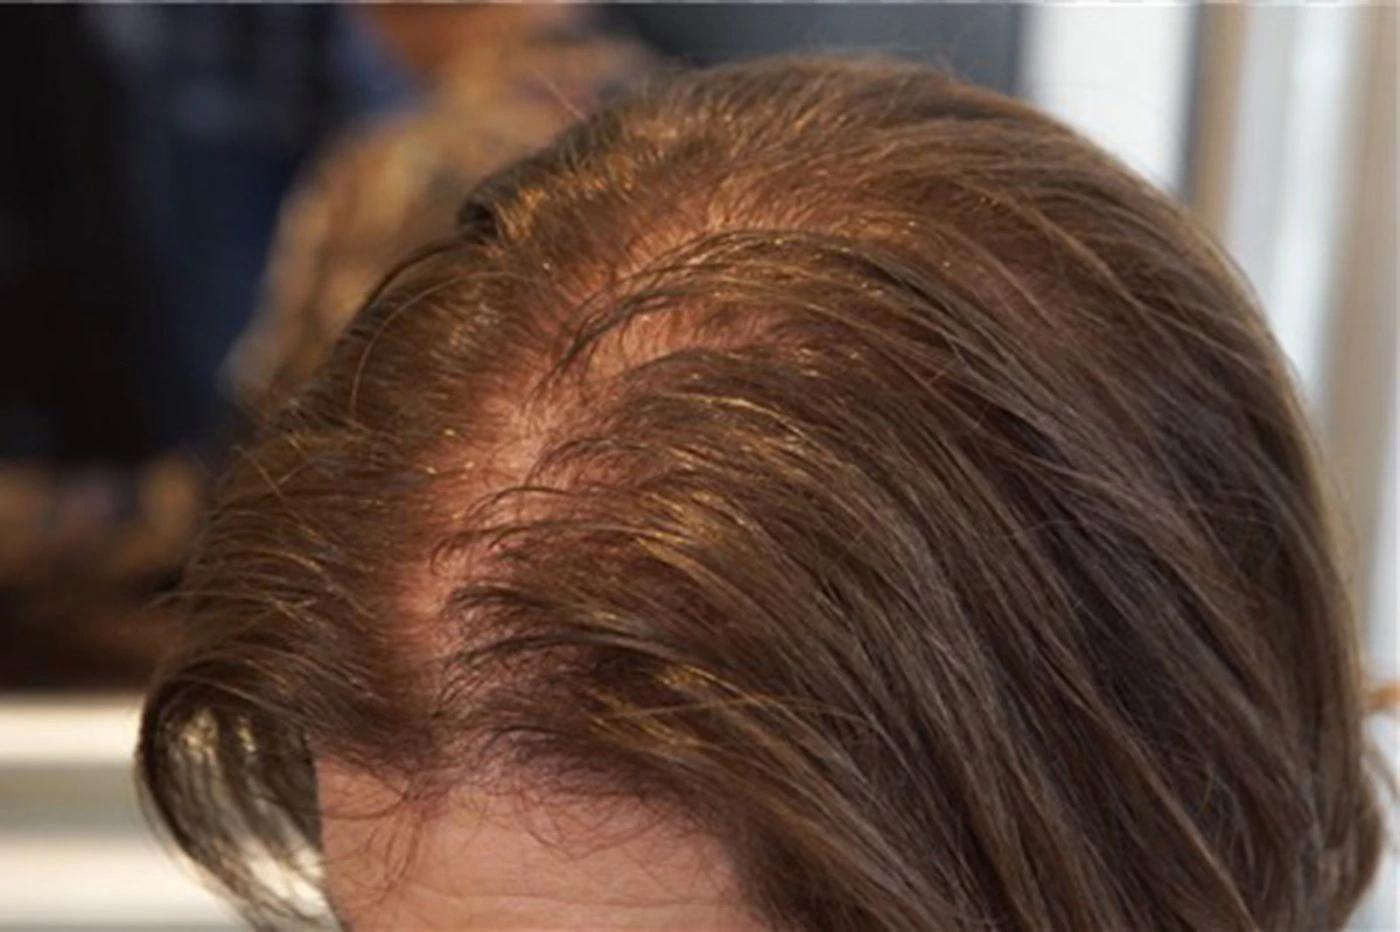 Bình thường bạn có thể mất 50-100 sợi tóc mỗi ngày, nếu số lượng nhiều hơn thì hãy bắt đầu quan tâm tới tóc hơn là vừa!